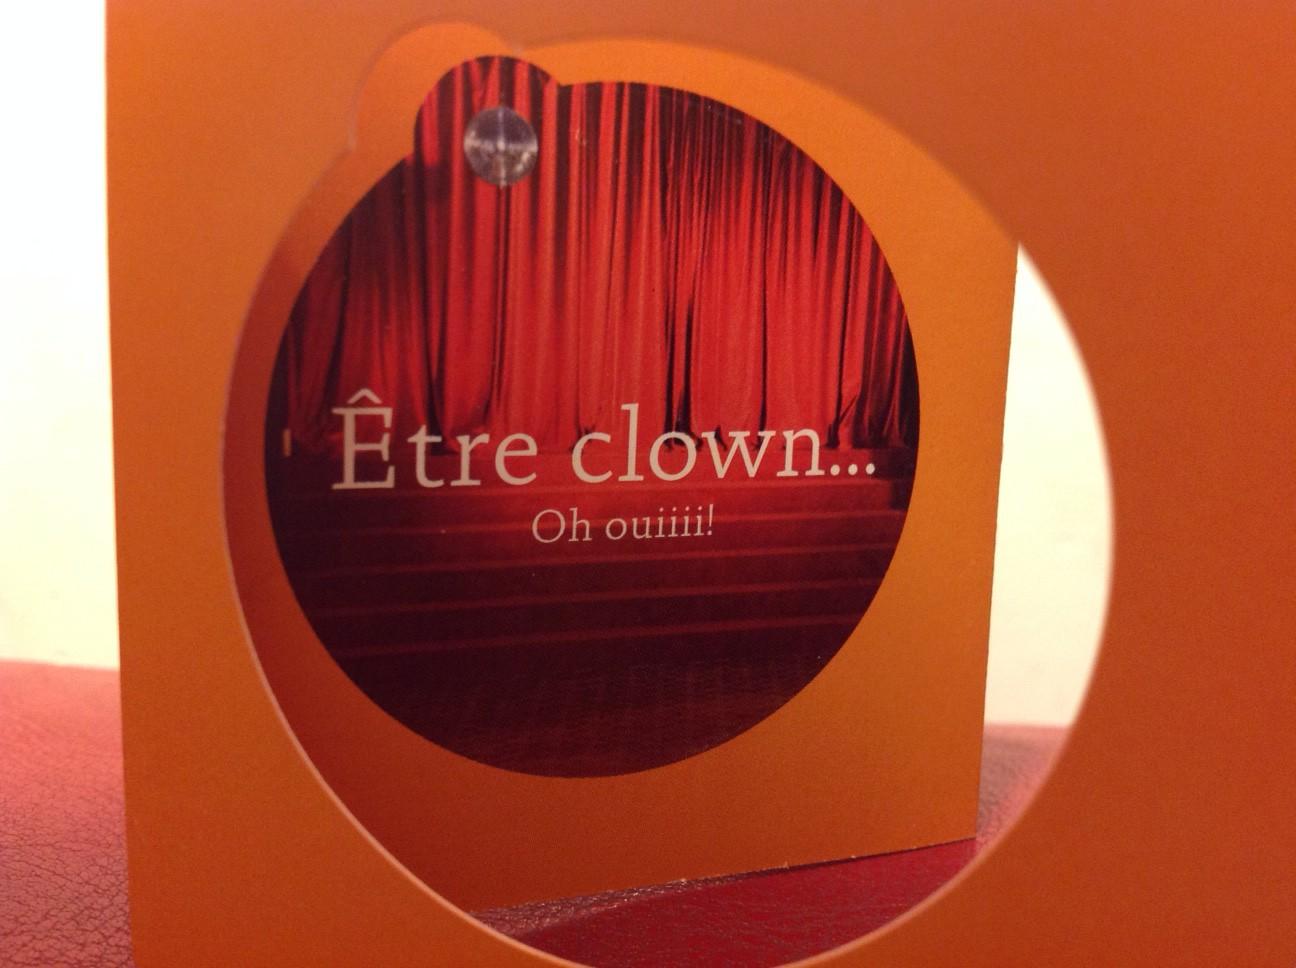 etre clown ho ouiiii